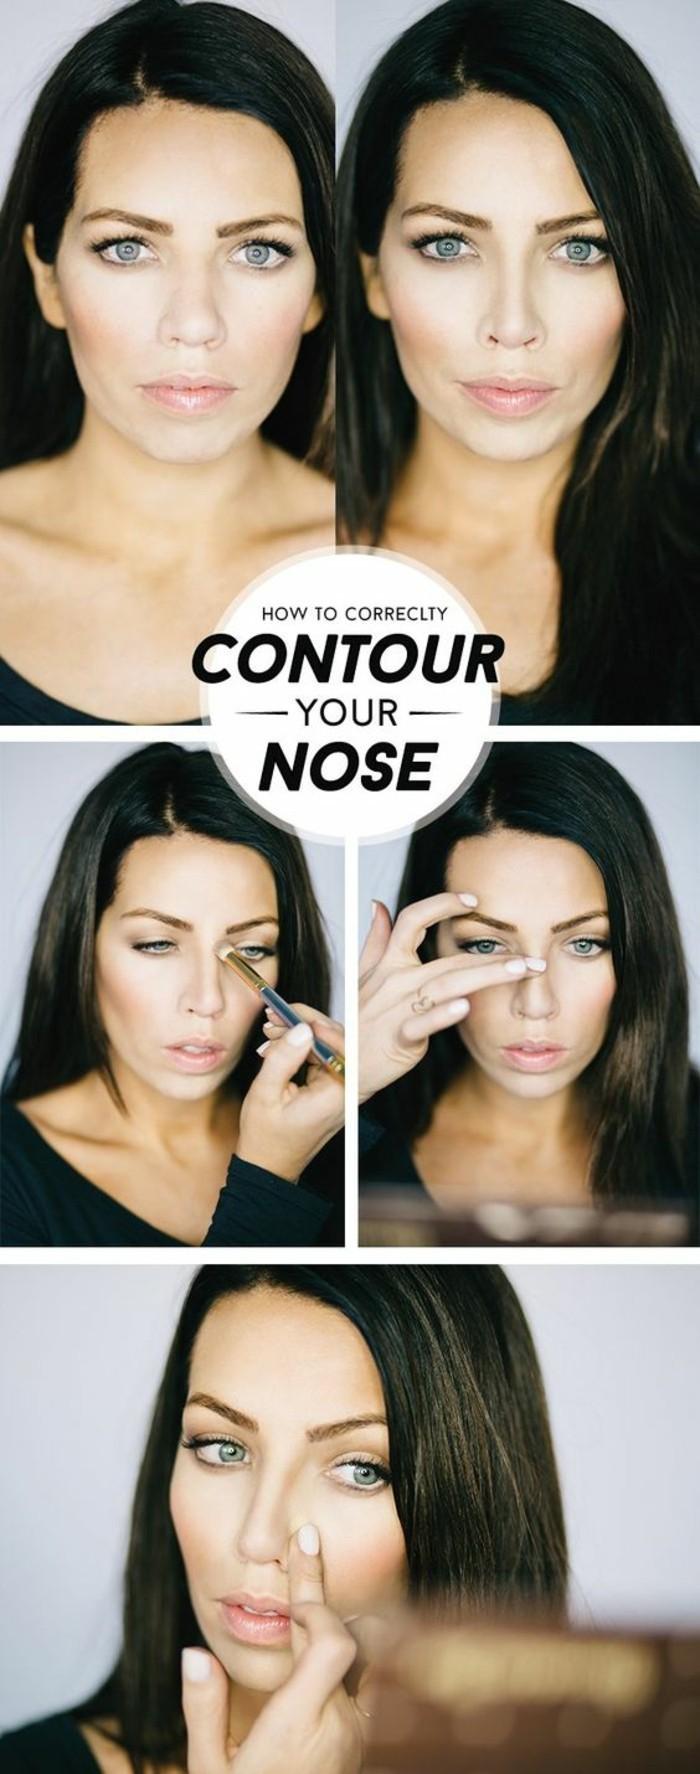 0-comment-contouring-le-nez-tuto-maquillage-comment-appliquer-son-fond-de-teint